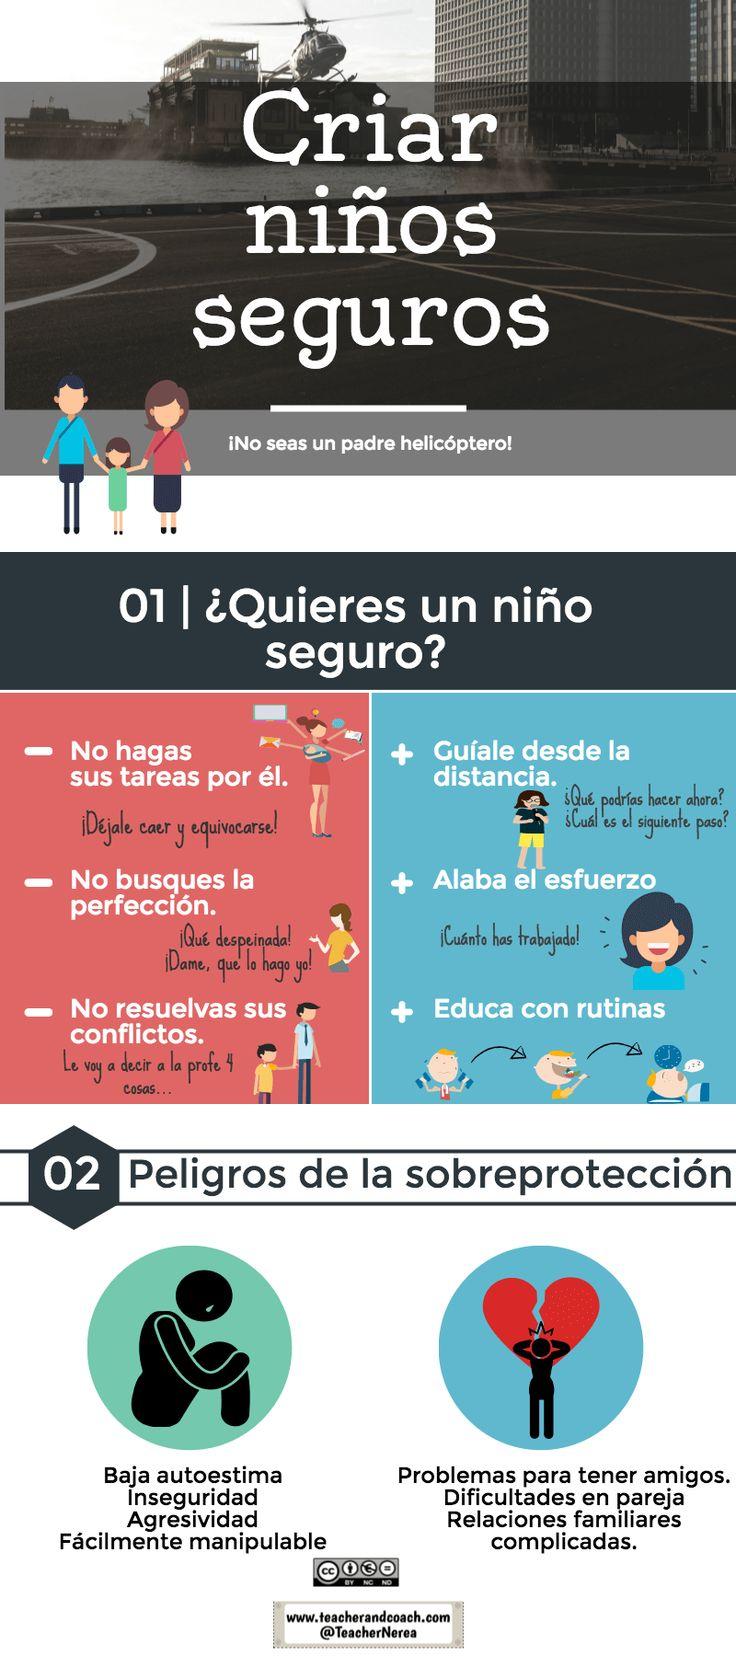 consejos para criar niños seguros y peligros de la sobreprotección